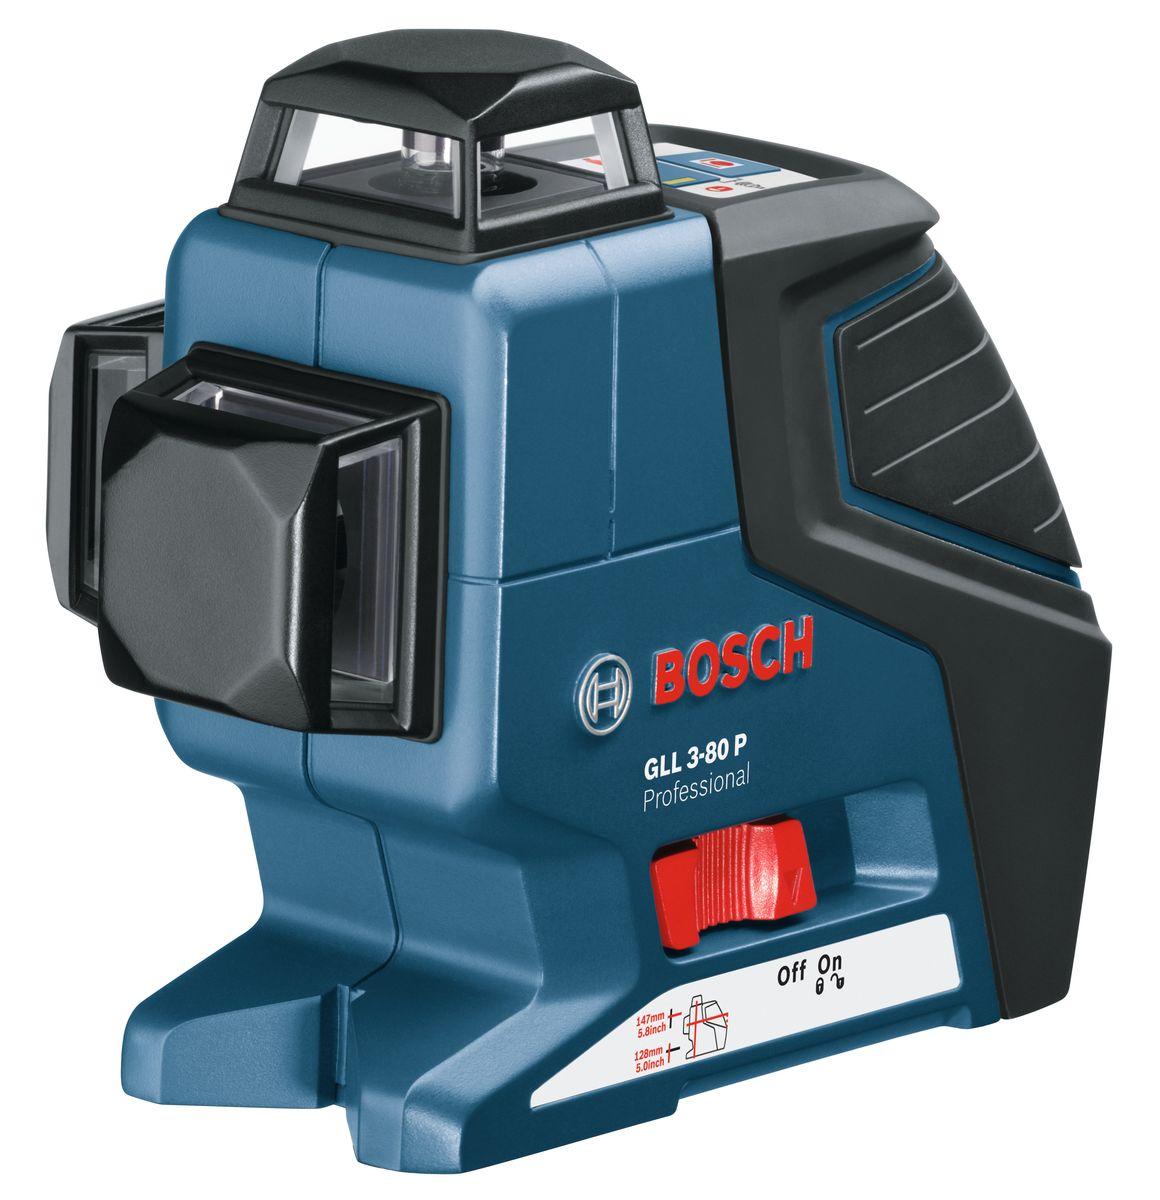 Лазерный нивелир Bosch GLL 3-80 + BM1 + LR2 L-BoxxAF-3401Технические характеристики Рабочая температура -10 - 40 °C Температура хранения -20 - 70 °C Класс лазера 2 Время нивелирования 4 с Соединительная резьба штатива 1/4, 5/8 Вес 0,76 кг Комплектация: Держатель для LR 2 Лазерный приемник LR 2 Professional 0 601 069 100 Лазерный отражатель Кейс L-BOXX 136 Вкладыш для кейса L-BOXX под принадлежности Чехол Универсальный держатель BM 1 Professional 0 601 015 A01 1 батарея 9 В 6LR61 блок 4 батареи AA 1,5 В LR6